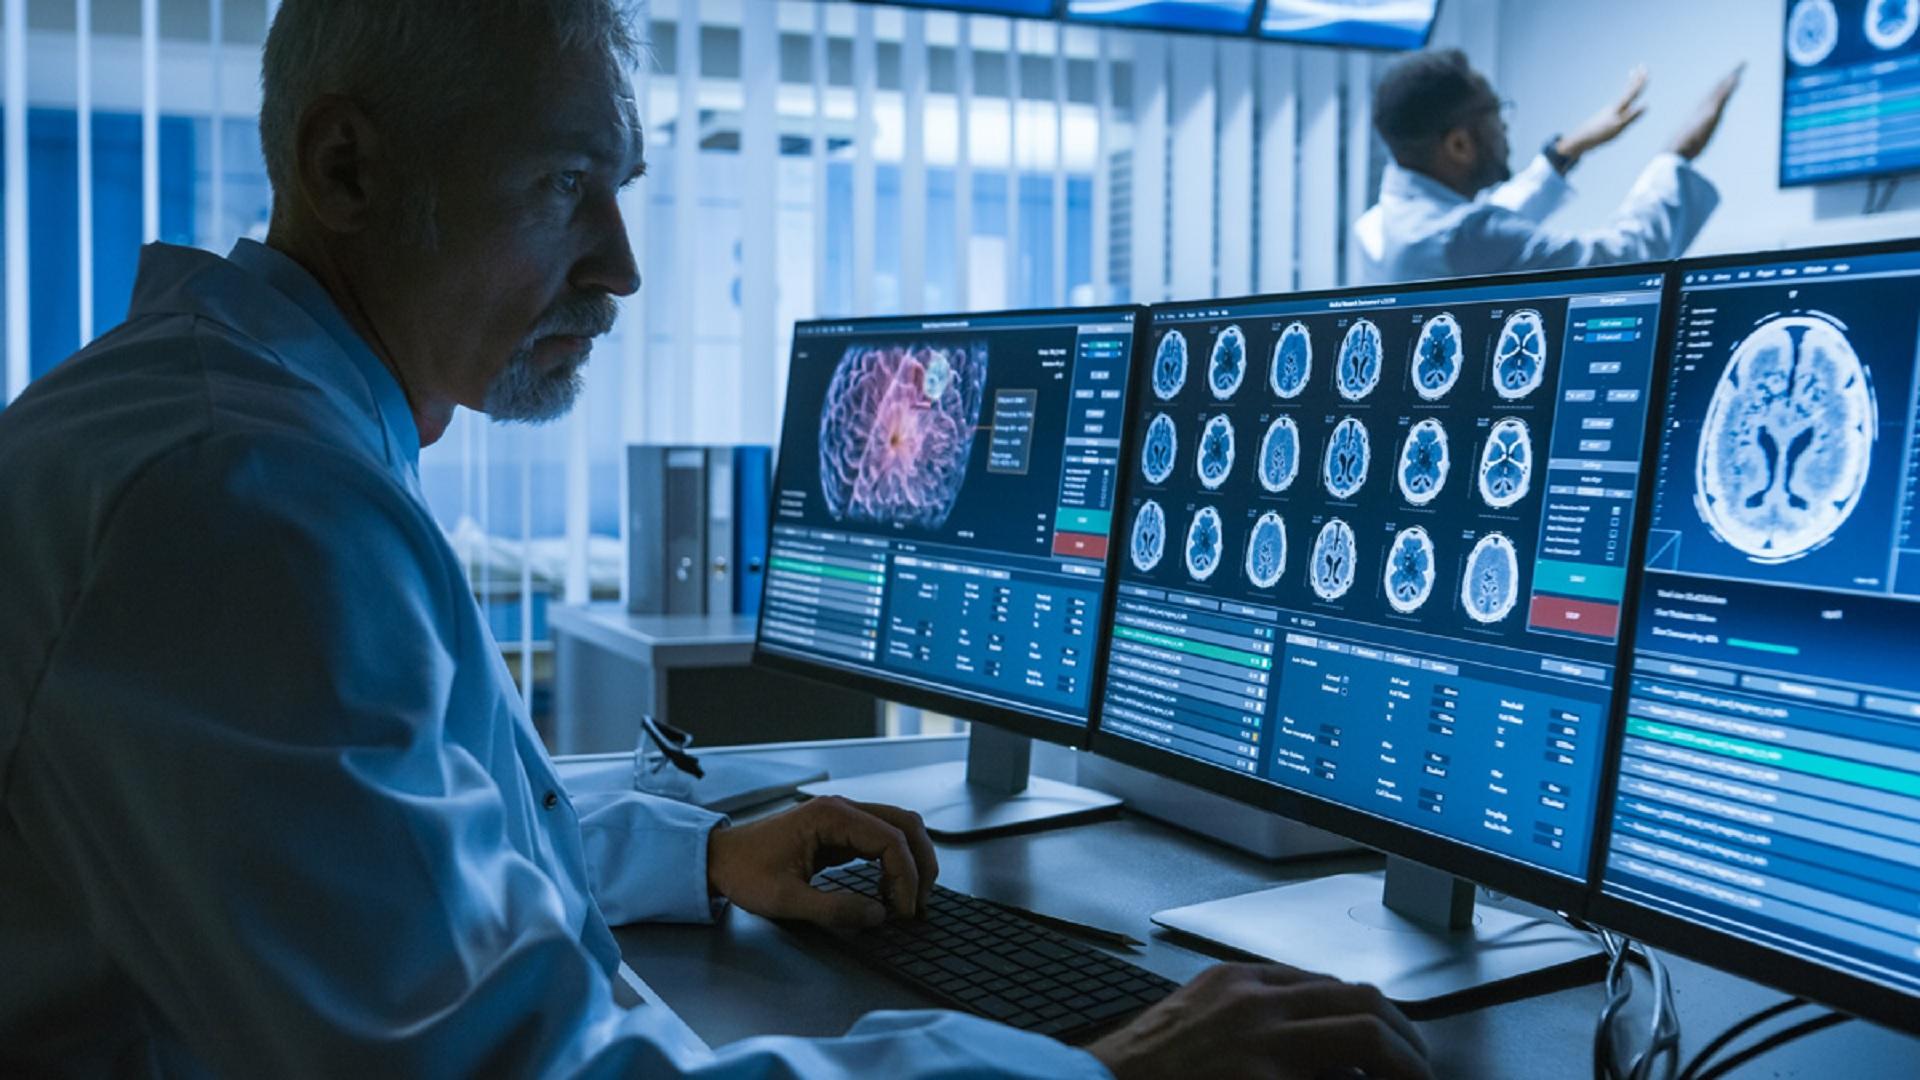 Καρκίνος θεραπεία: η τεχνητή νοημοσύνη αποκαλύπτει το ιστορικό του όγκου